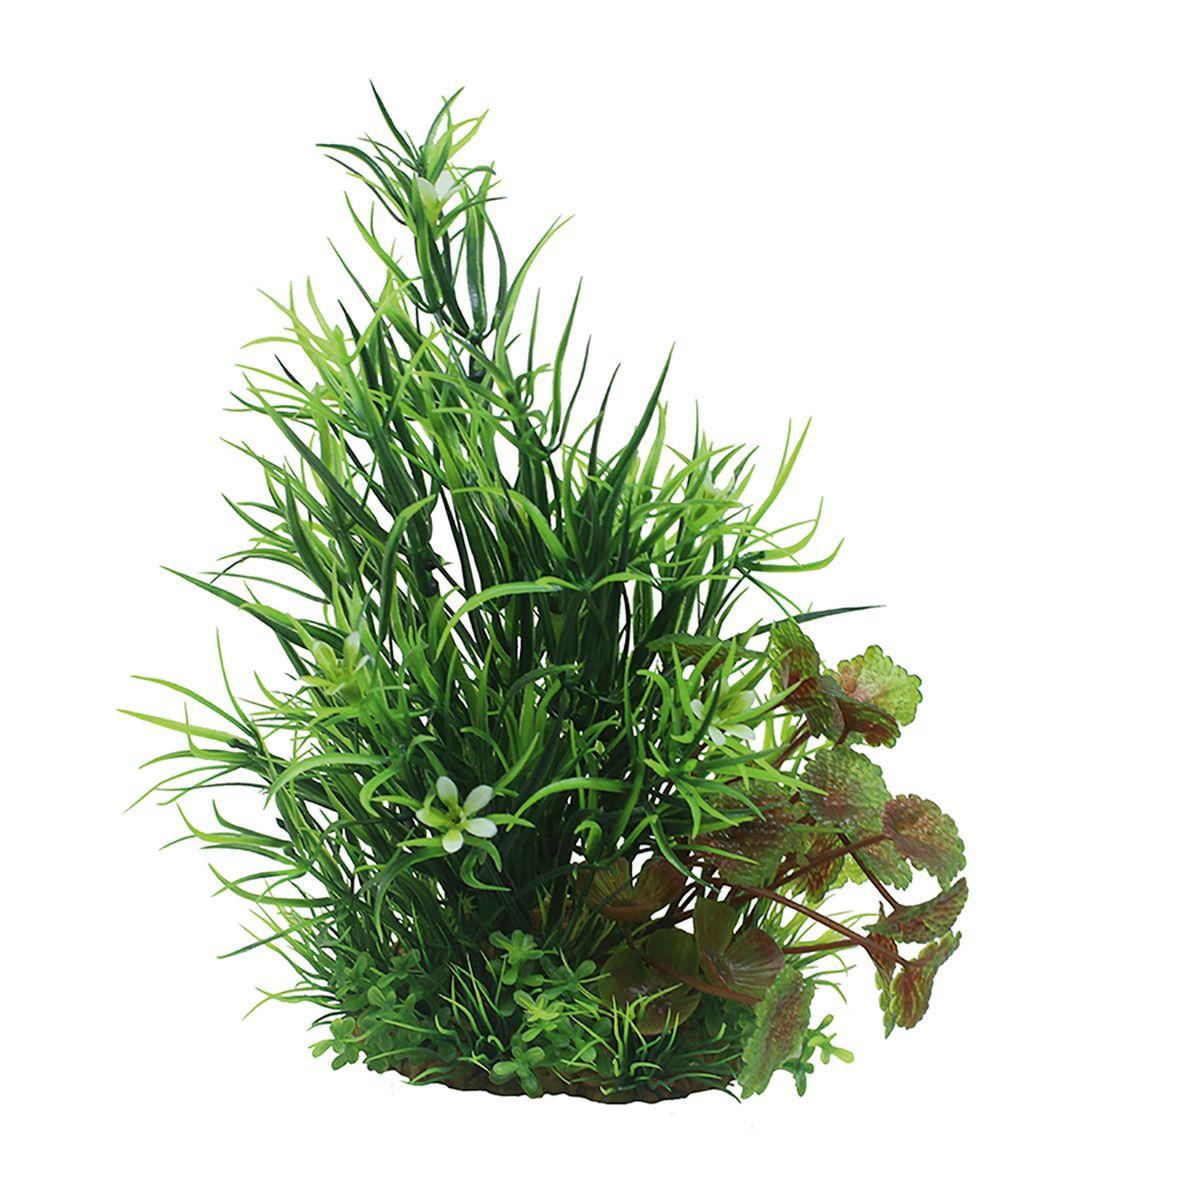 Растение для аквариума ArtUniq Лагаросифон мадагаскарский, высота 15 см0120710Композиция из искусственных растений ArtUniq превосходно украсит и оживит аквариум.Растения - это важная часть любой композиции, они помогут вдохнуть жизнь в ландшафт любого аквариума или террариума. Лучше всего это сделают яркие и сочные цвета искусственных растений серии ArtPlants. А их сходствос природными порадует даже самых взыскательных ценителей.